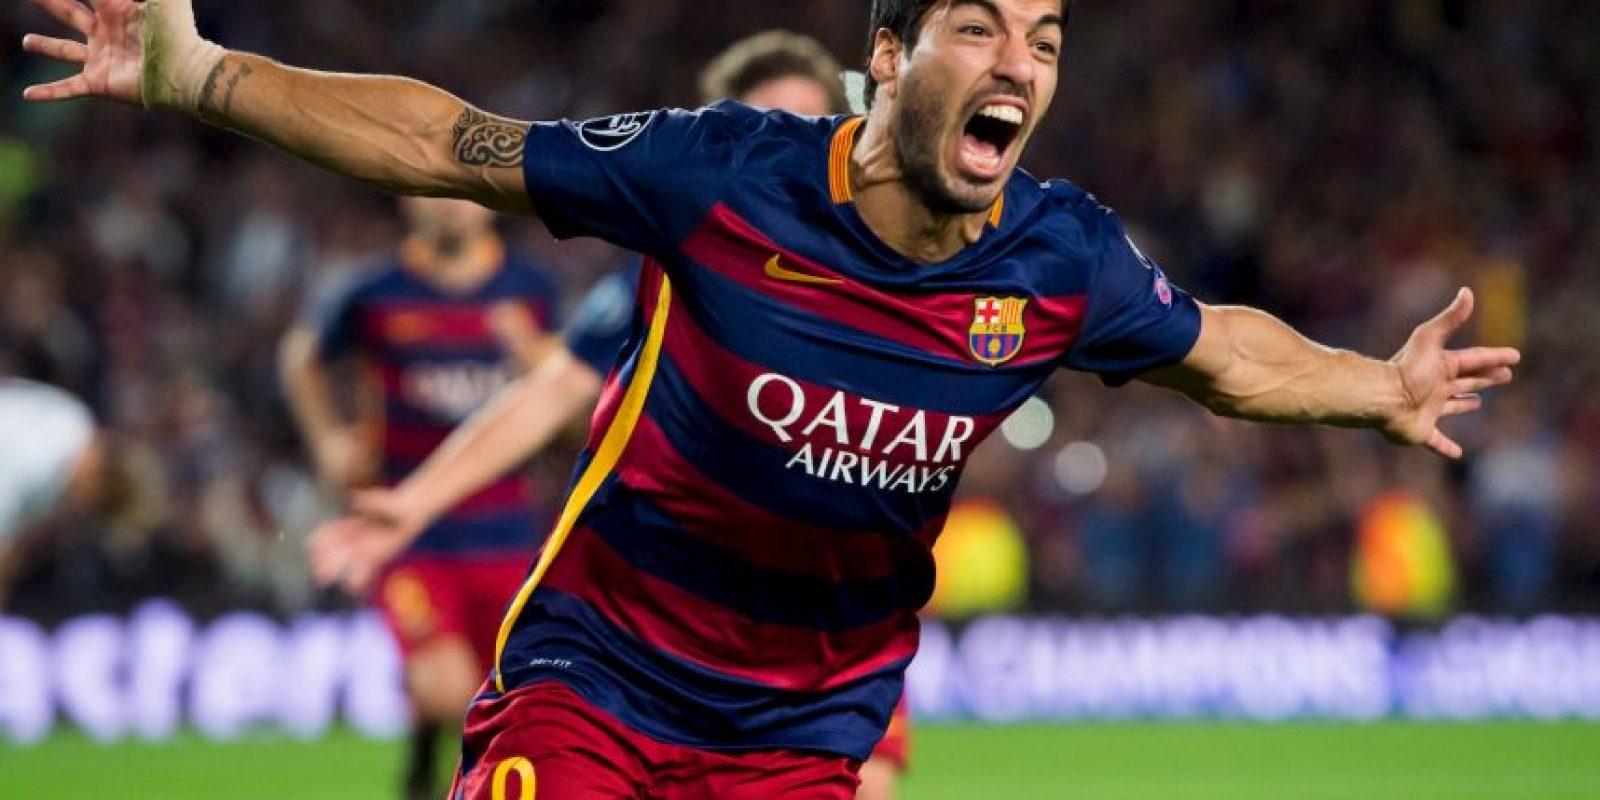 Barcelona es líder del grupo E con 13 puntos y ya está clasificado a la siguiente ronda. Foto:Getty Images